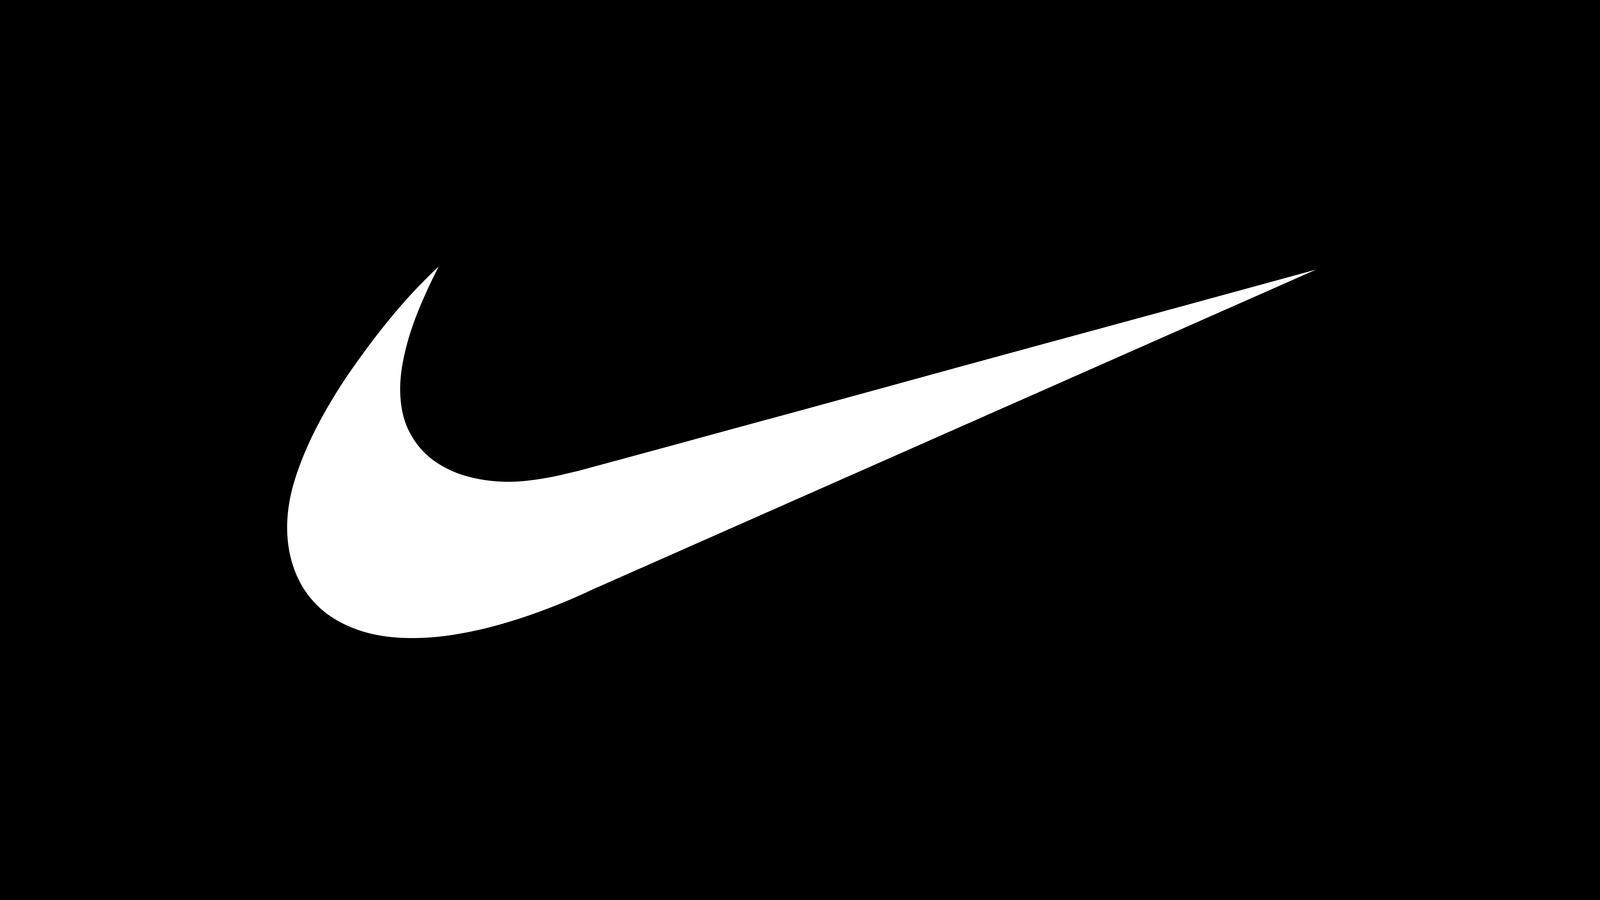 Nikeswoosh_hd_1600